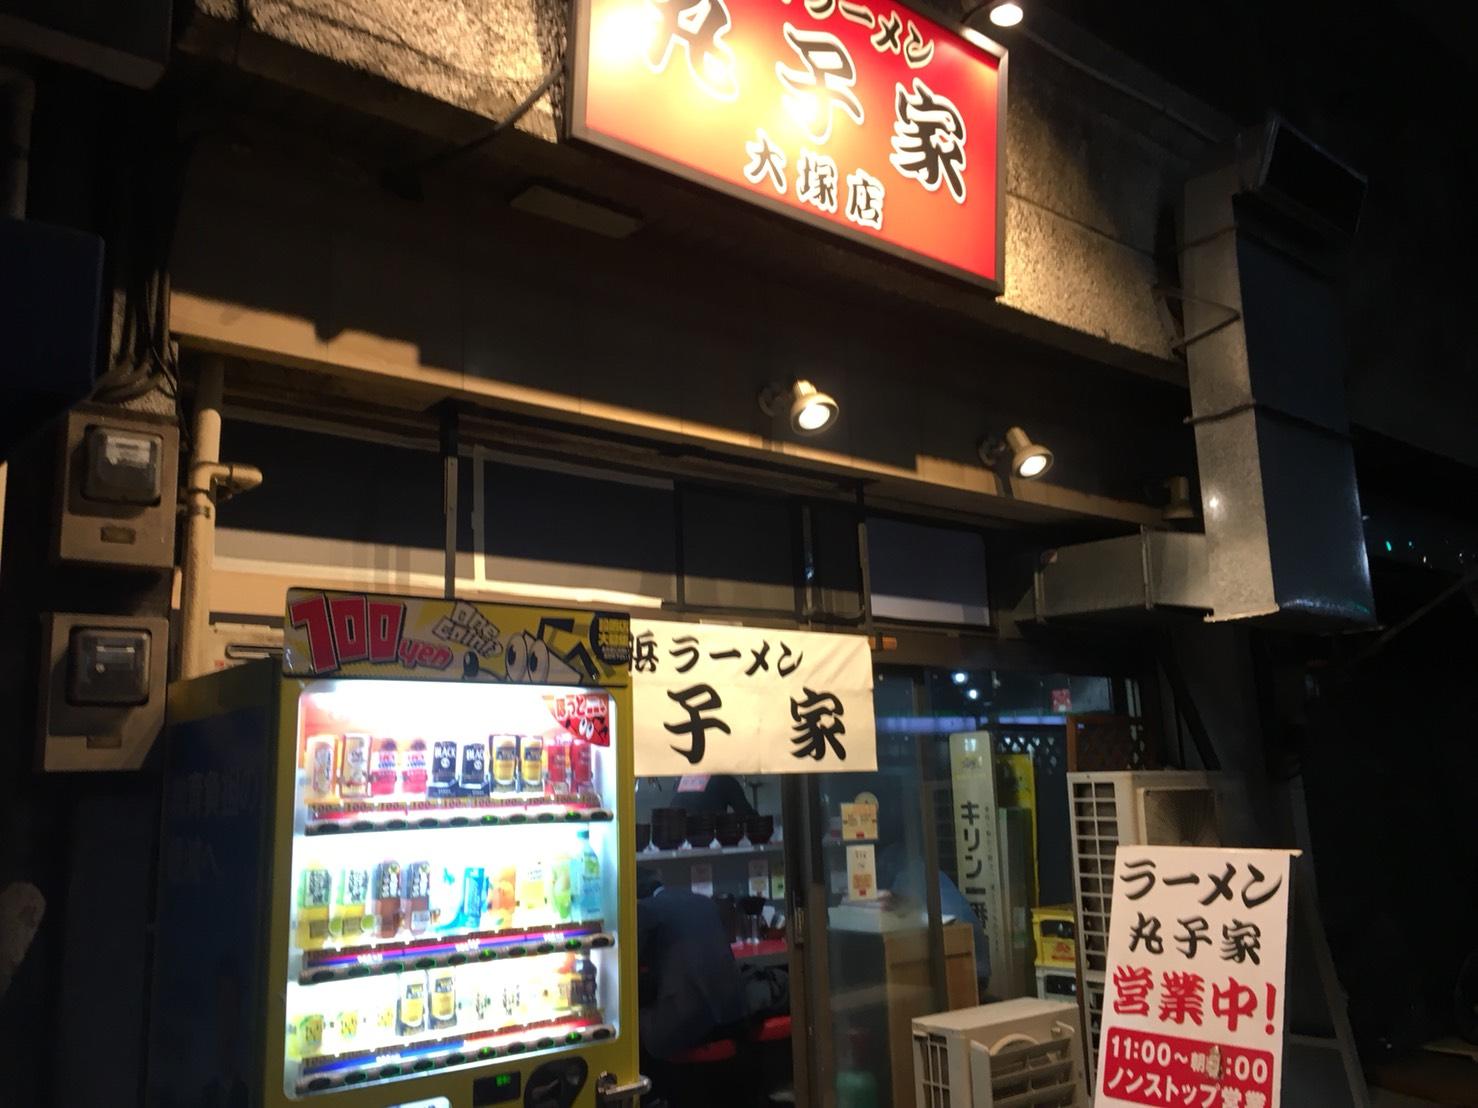 【大塚駅】豚骨も鶏白湯もコク深い!寒い季節に極鶏を味わおう「横浜家系ラーメン 丸子家 大塚店」の外観